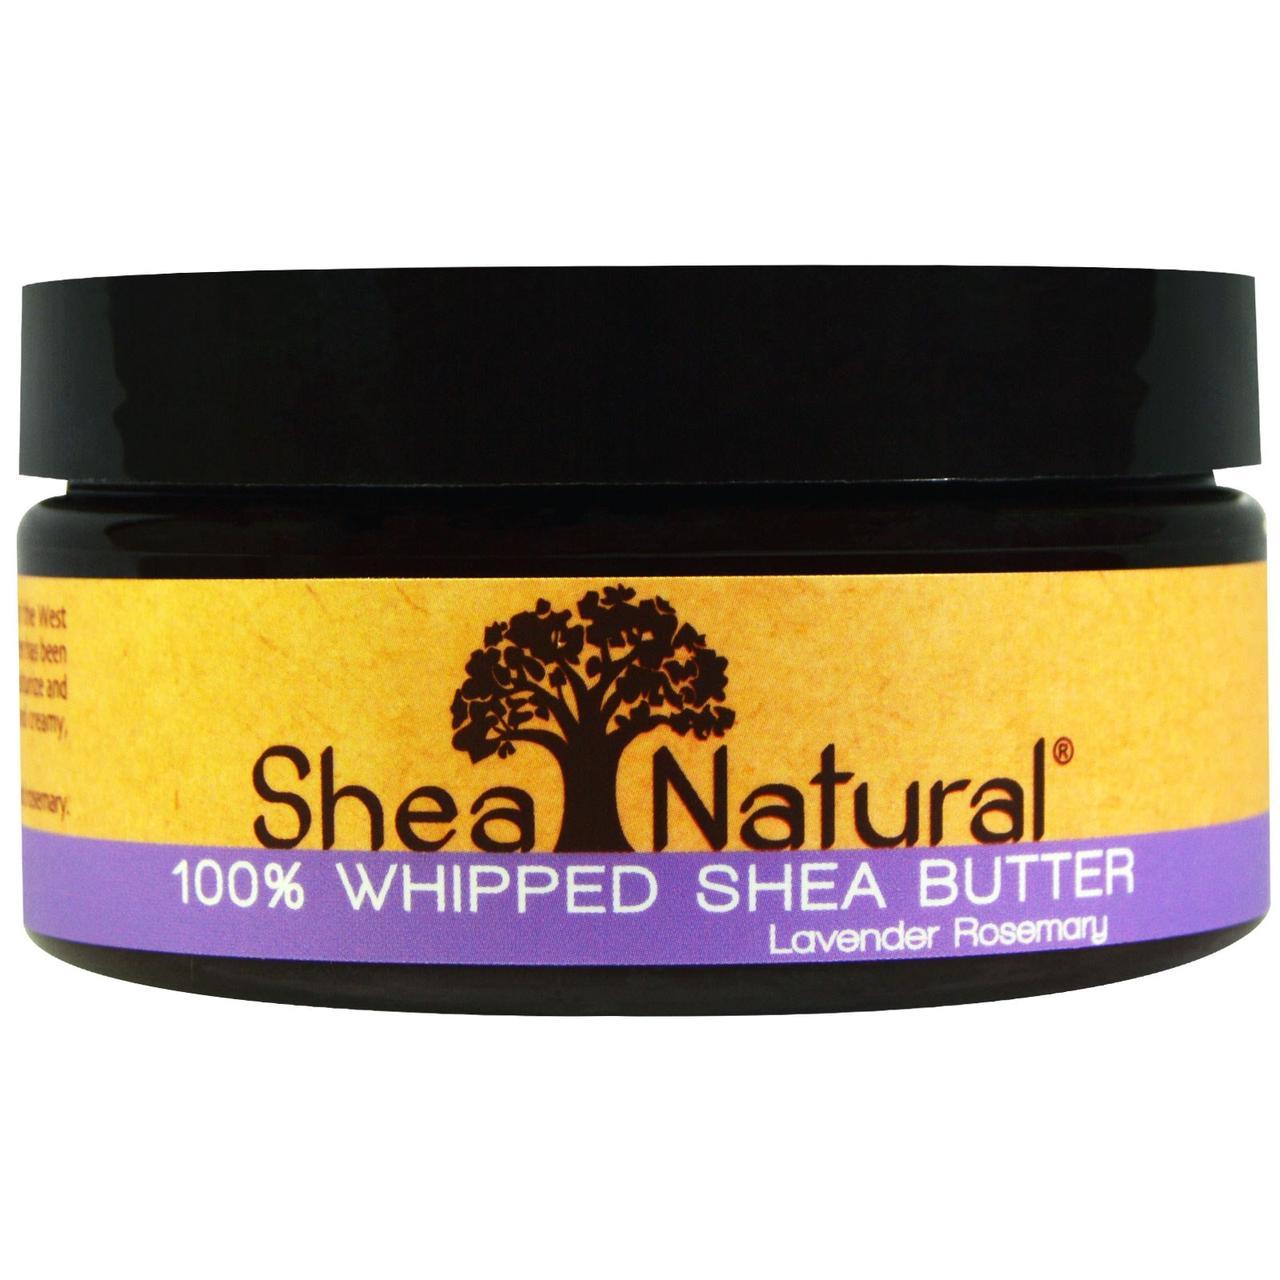 Shea Natural, 100% взбитое масло ши, лаванда-розмарин, 6,3 унций (178 г) - Интернет-магазин для здоровой жизни в Киеве